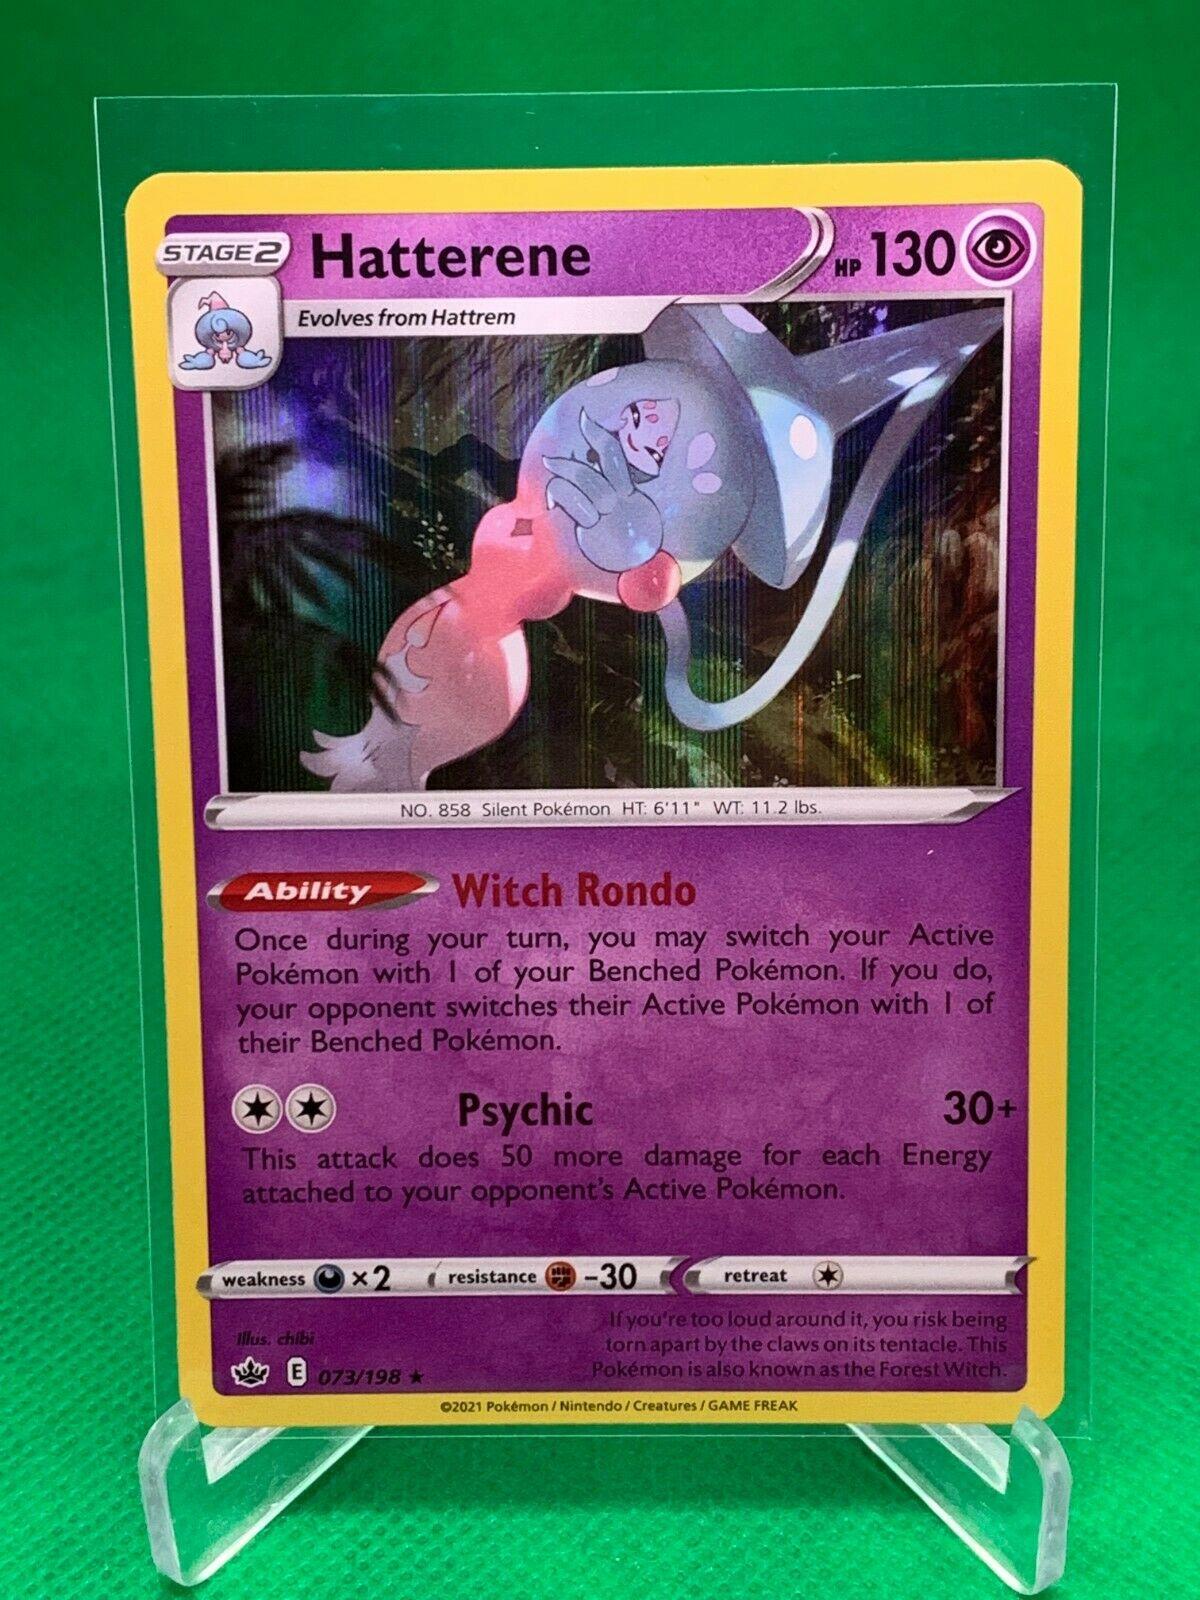 Pokemon - Hatterene - Chilling Reign - 073/198 - Holo Rare